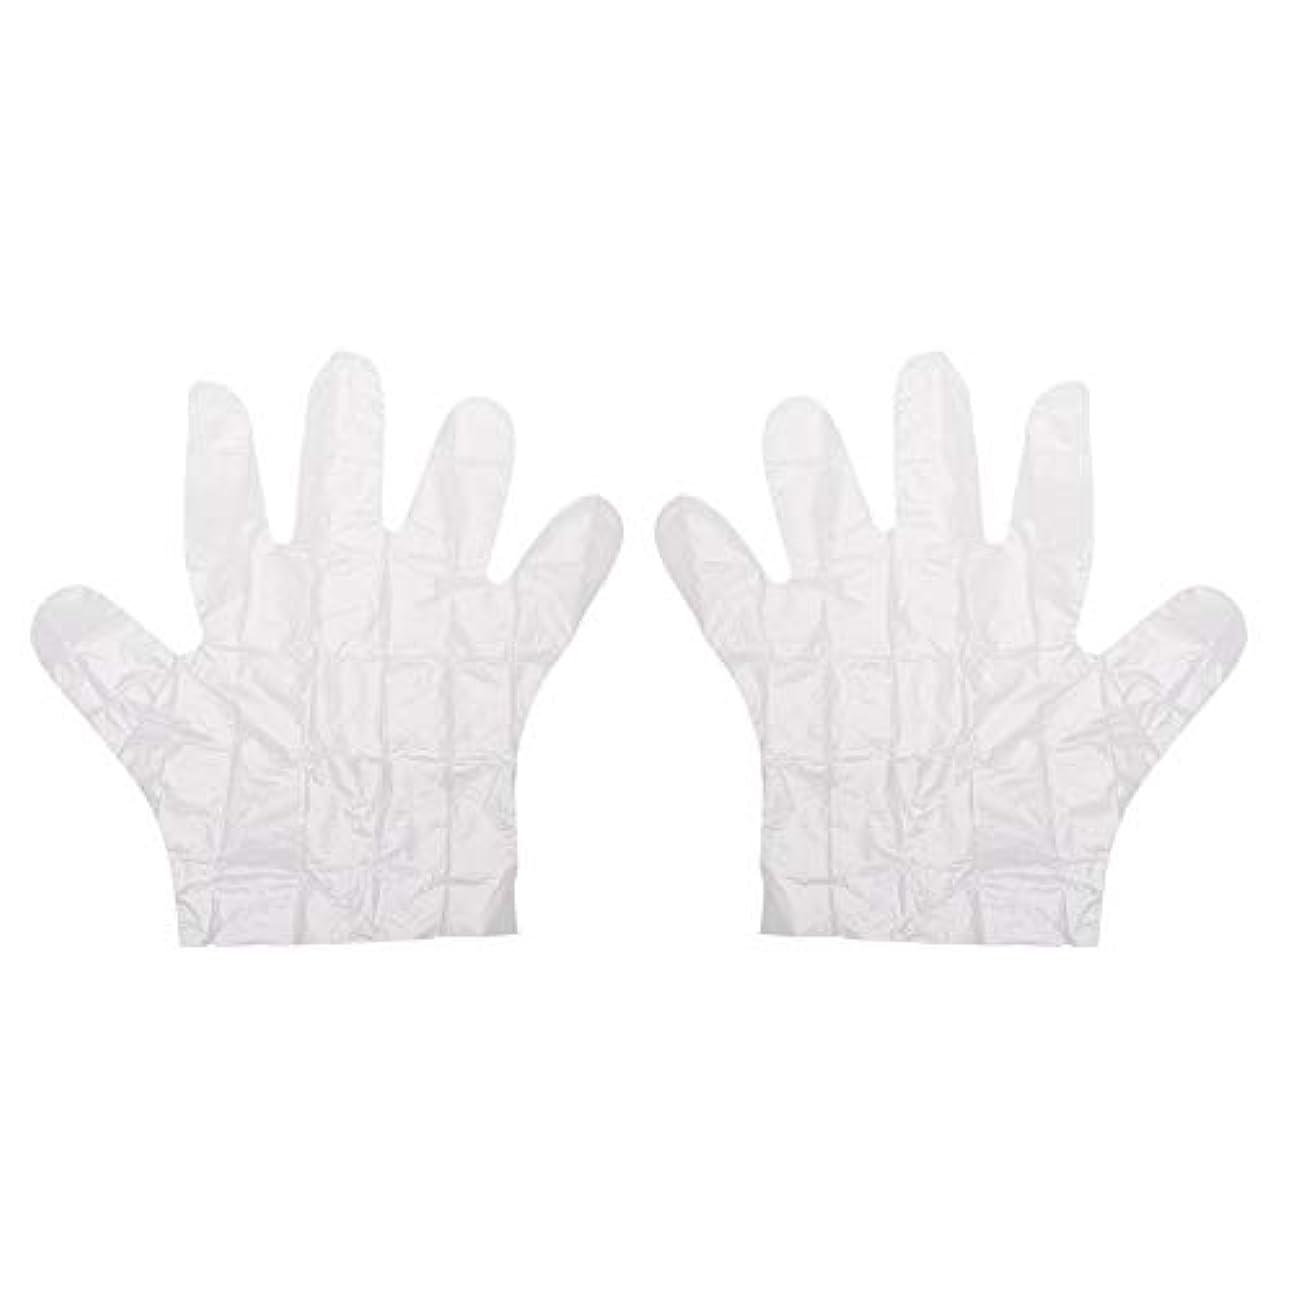 不要バングに向けて出発WISTOMJP 200枚 子供用手袋使い捨て 使い捨て手袋 キッズ専用透明 手袋